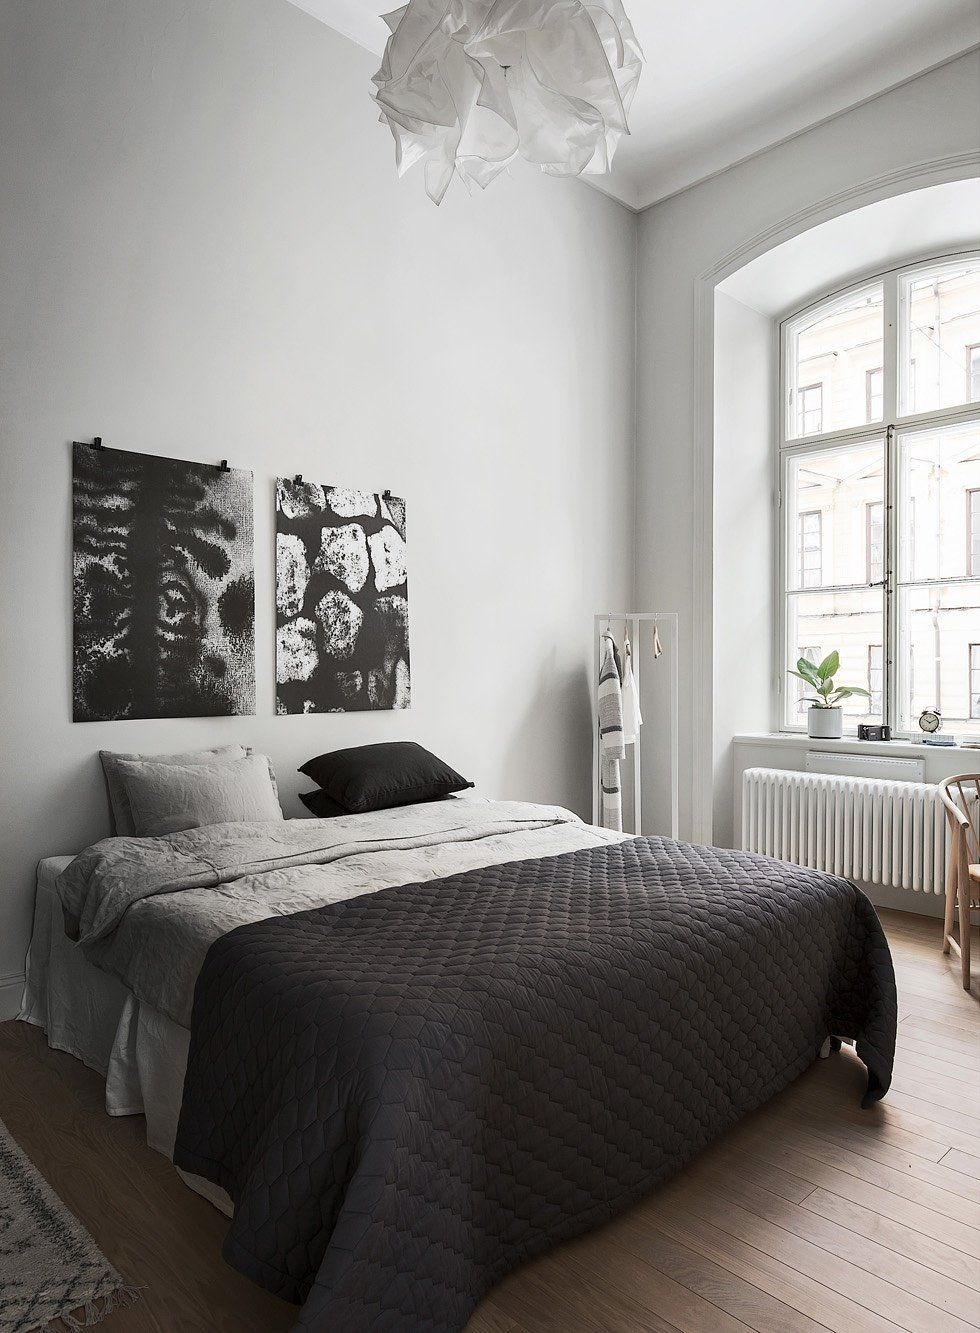 40 Minimalist Bedroom Ideas  Minimalist Bedroom Minimalist And Adorable Monochrome Bedroom Design Ideas Inspiration